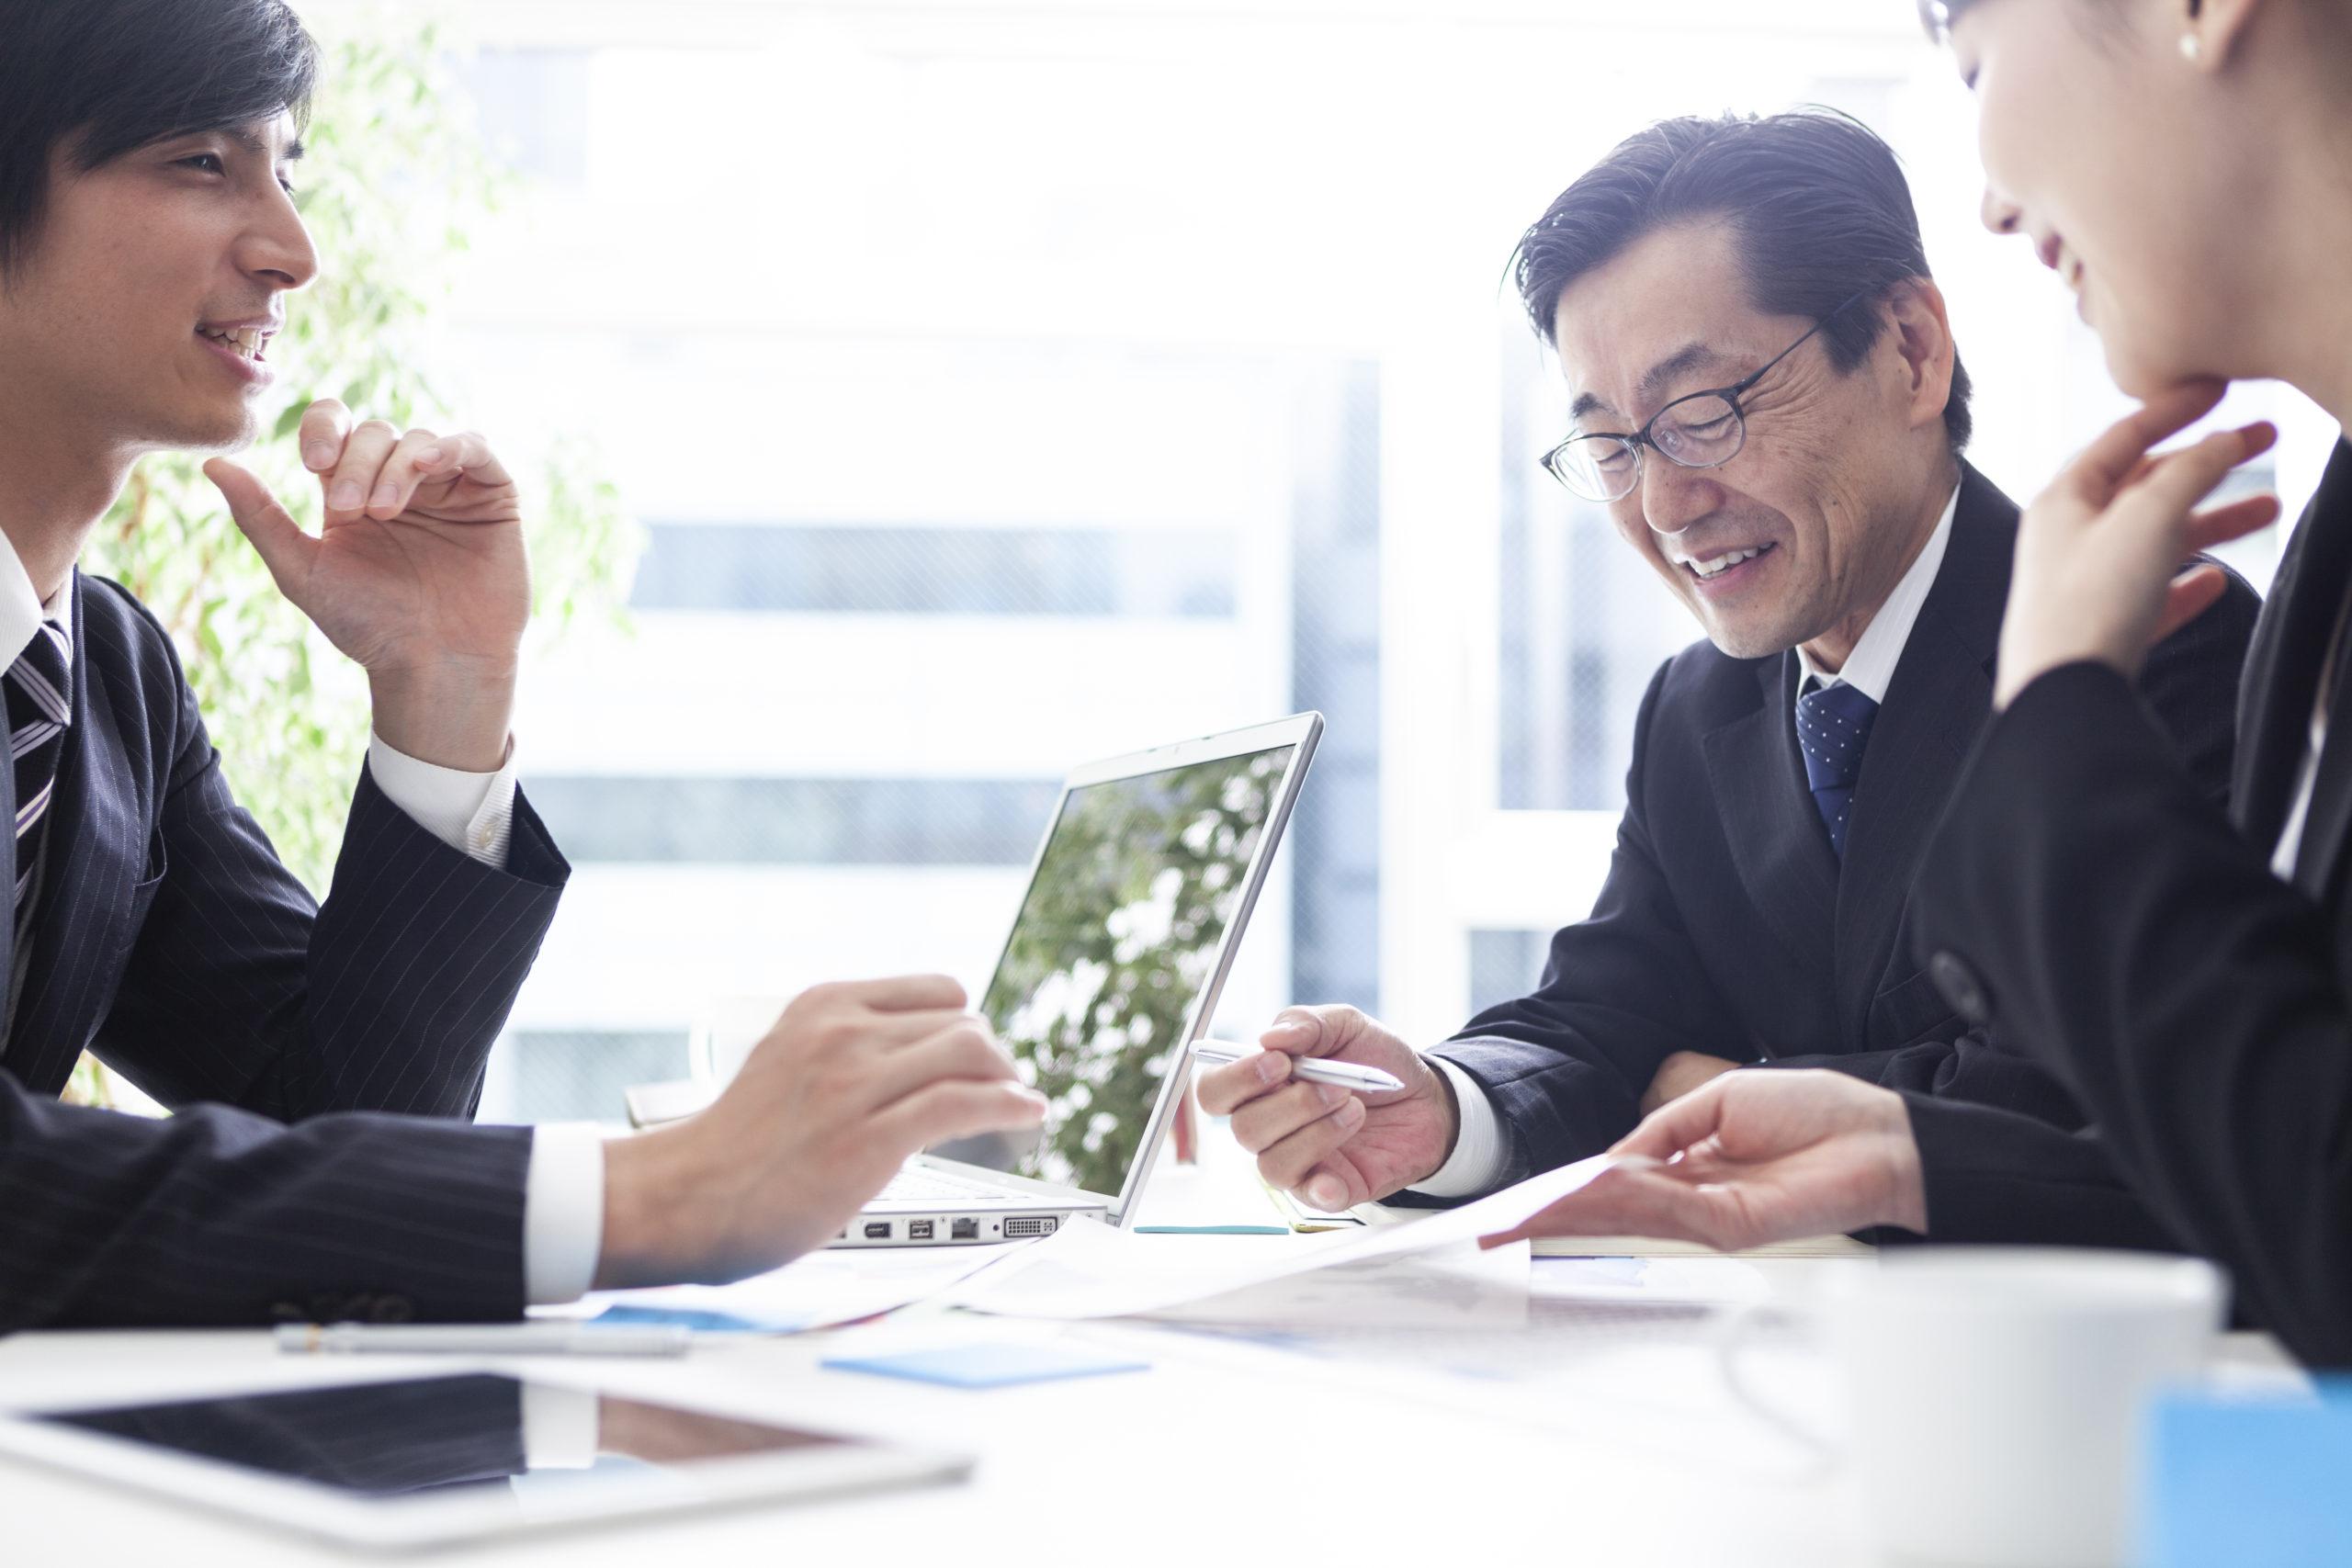 中小企業における社員が自走し始める「人材マネジメント」のサムネイル